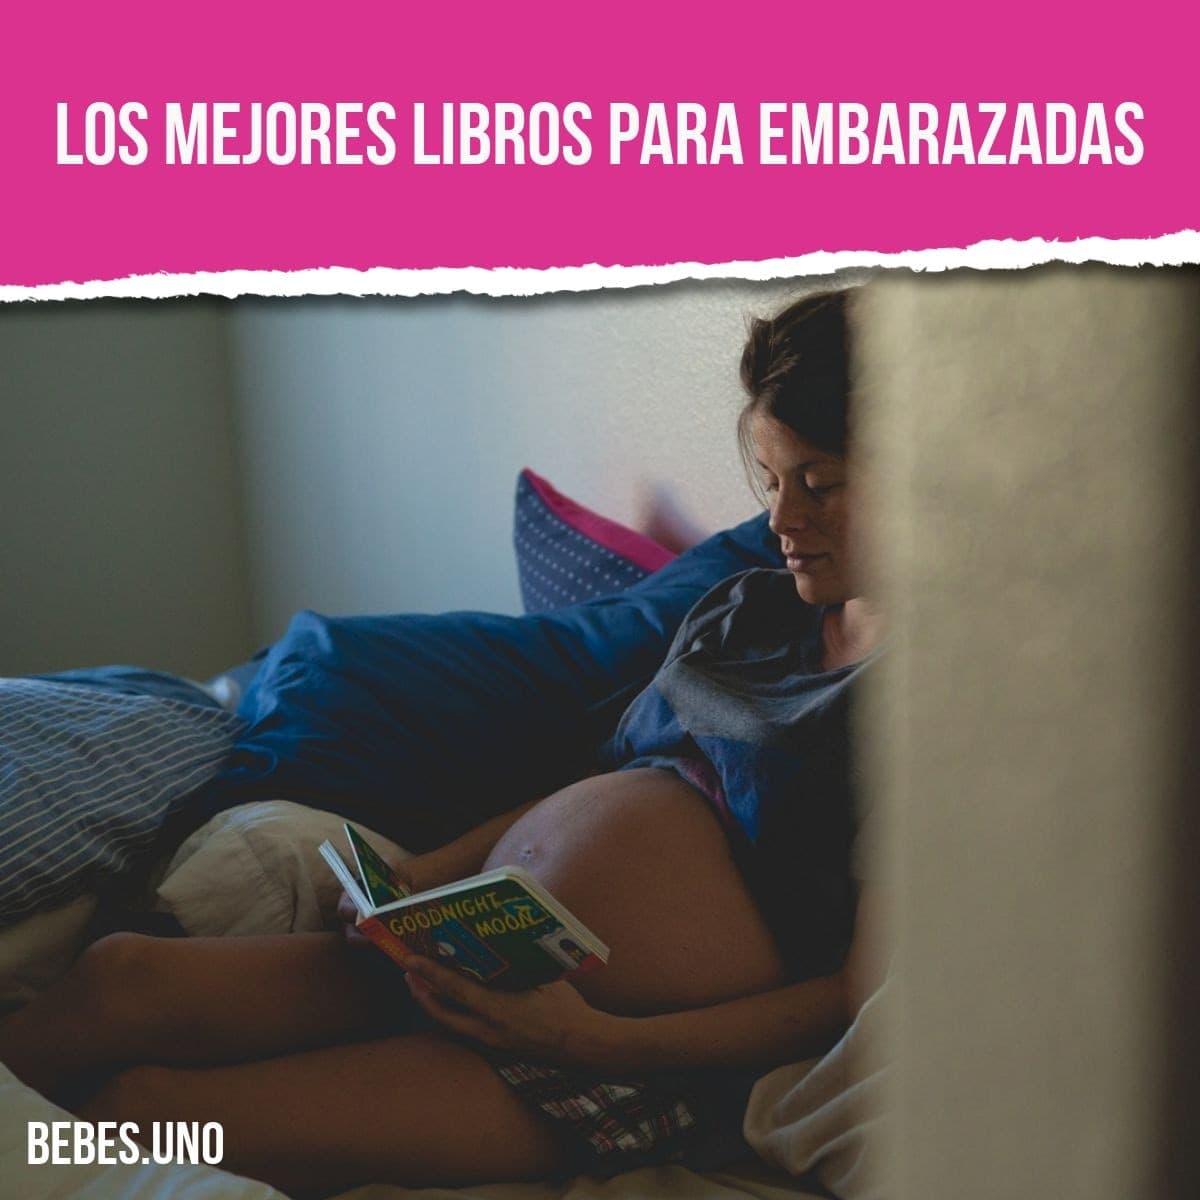 Los mejores libros para embarazadas: libros sobre embarazo y maternidad